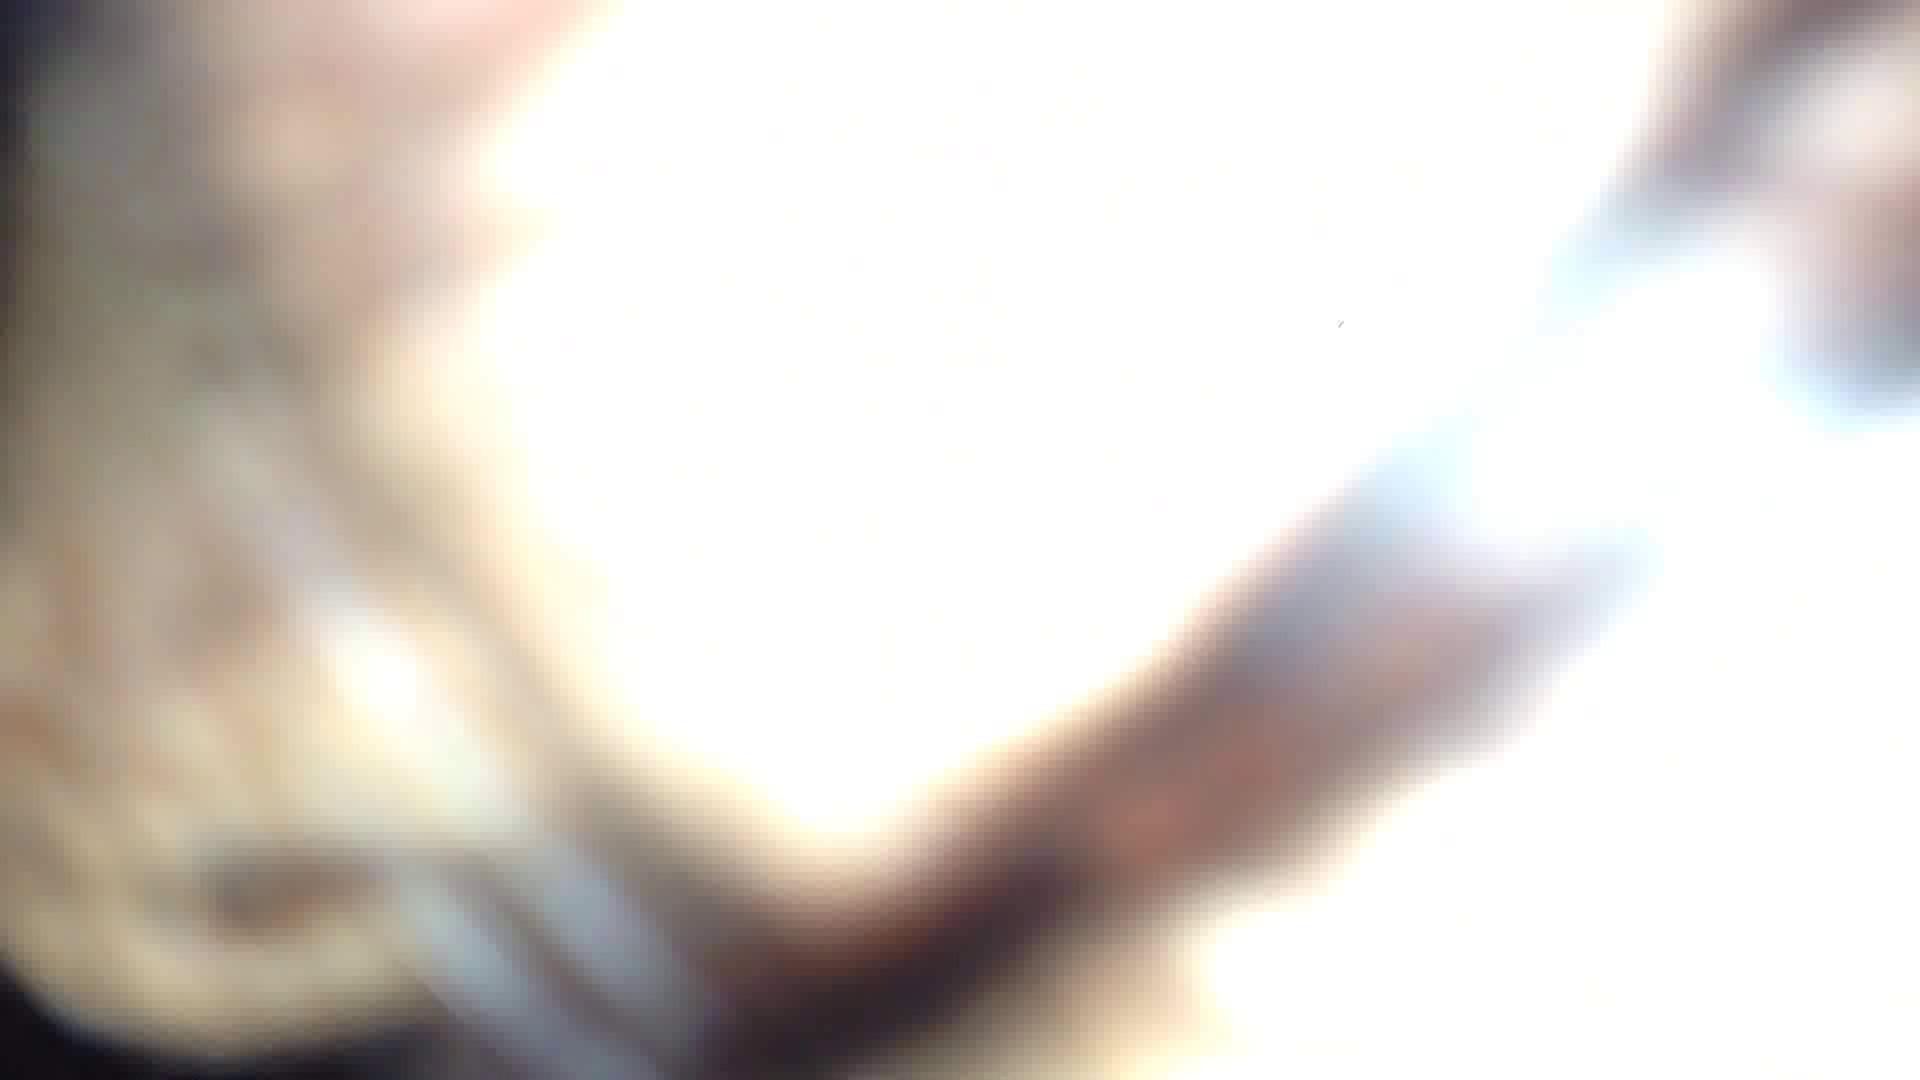 ヒトニアラズvol.11 紅 崩 セックス エロ無料画像 86枚 5